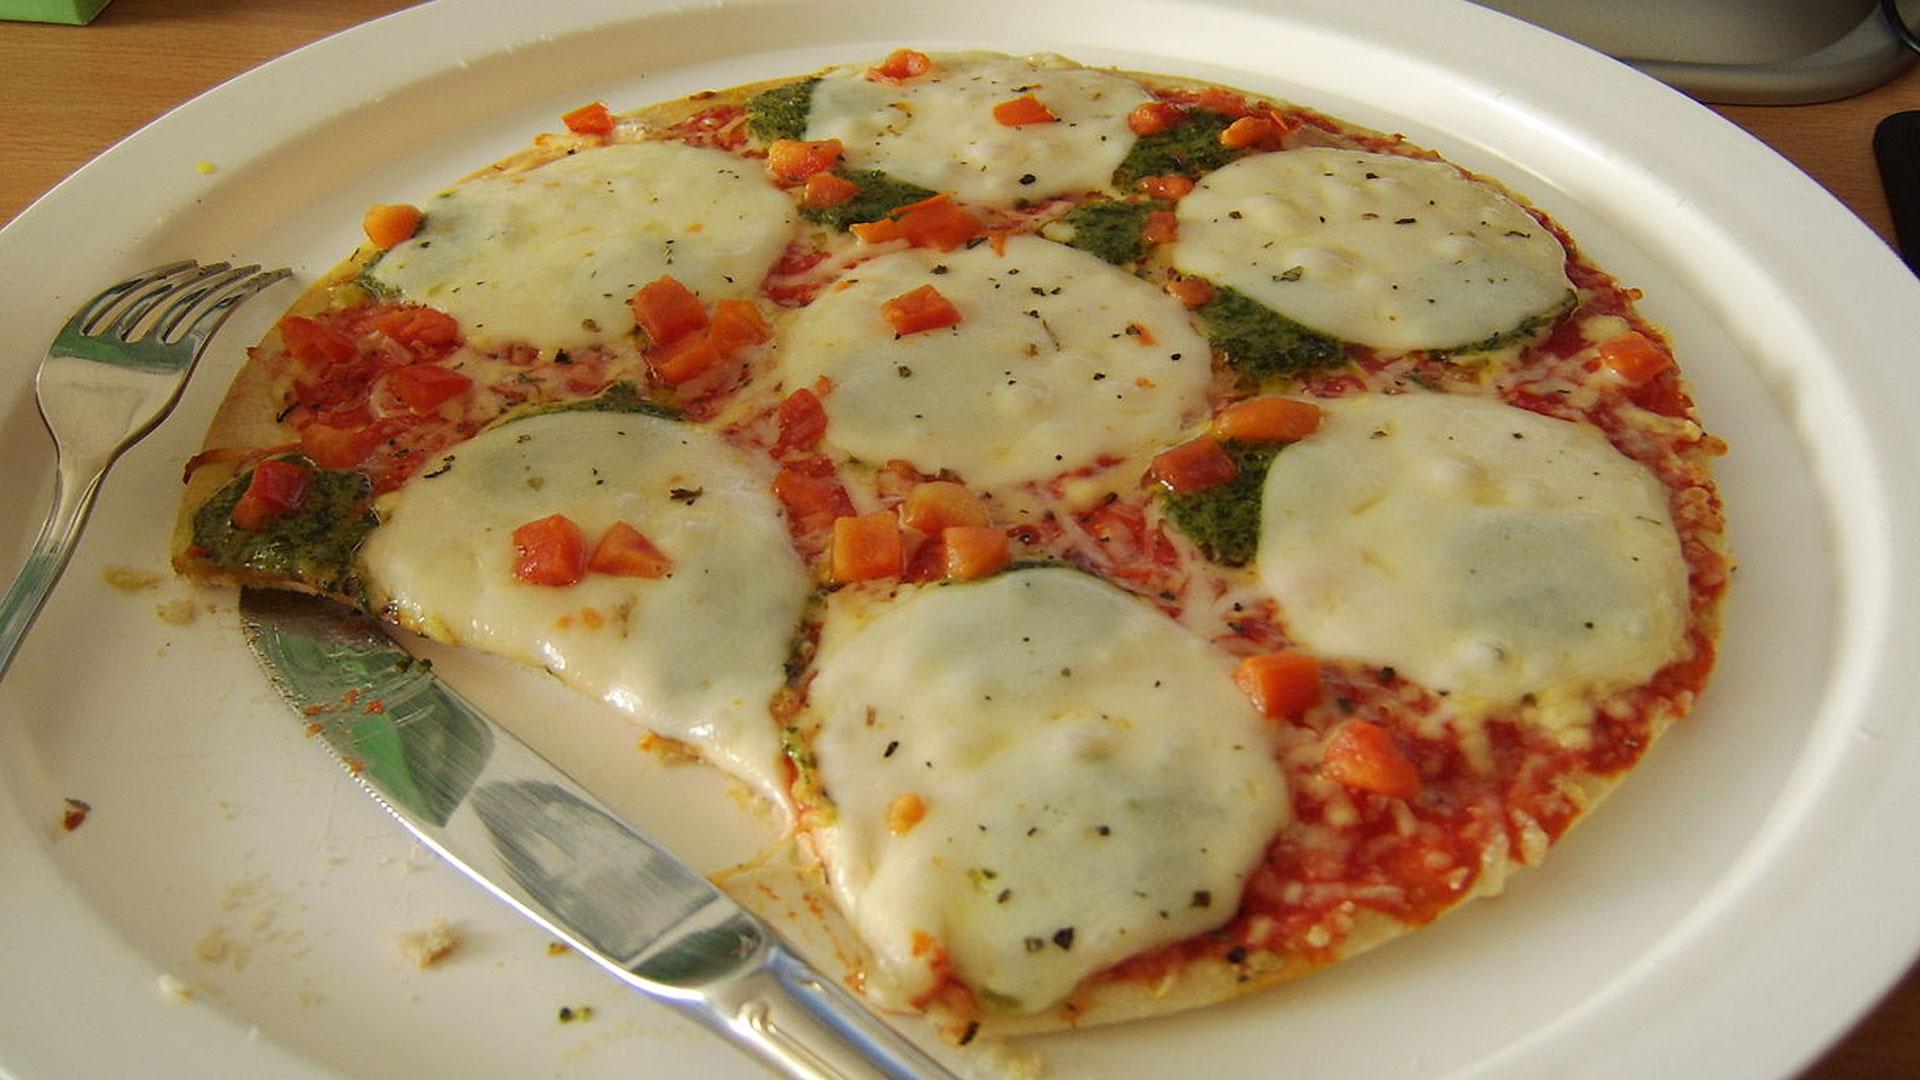 Mozzarella,-el-mejor-queso-para-pizza-1920